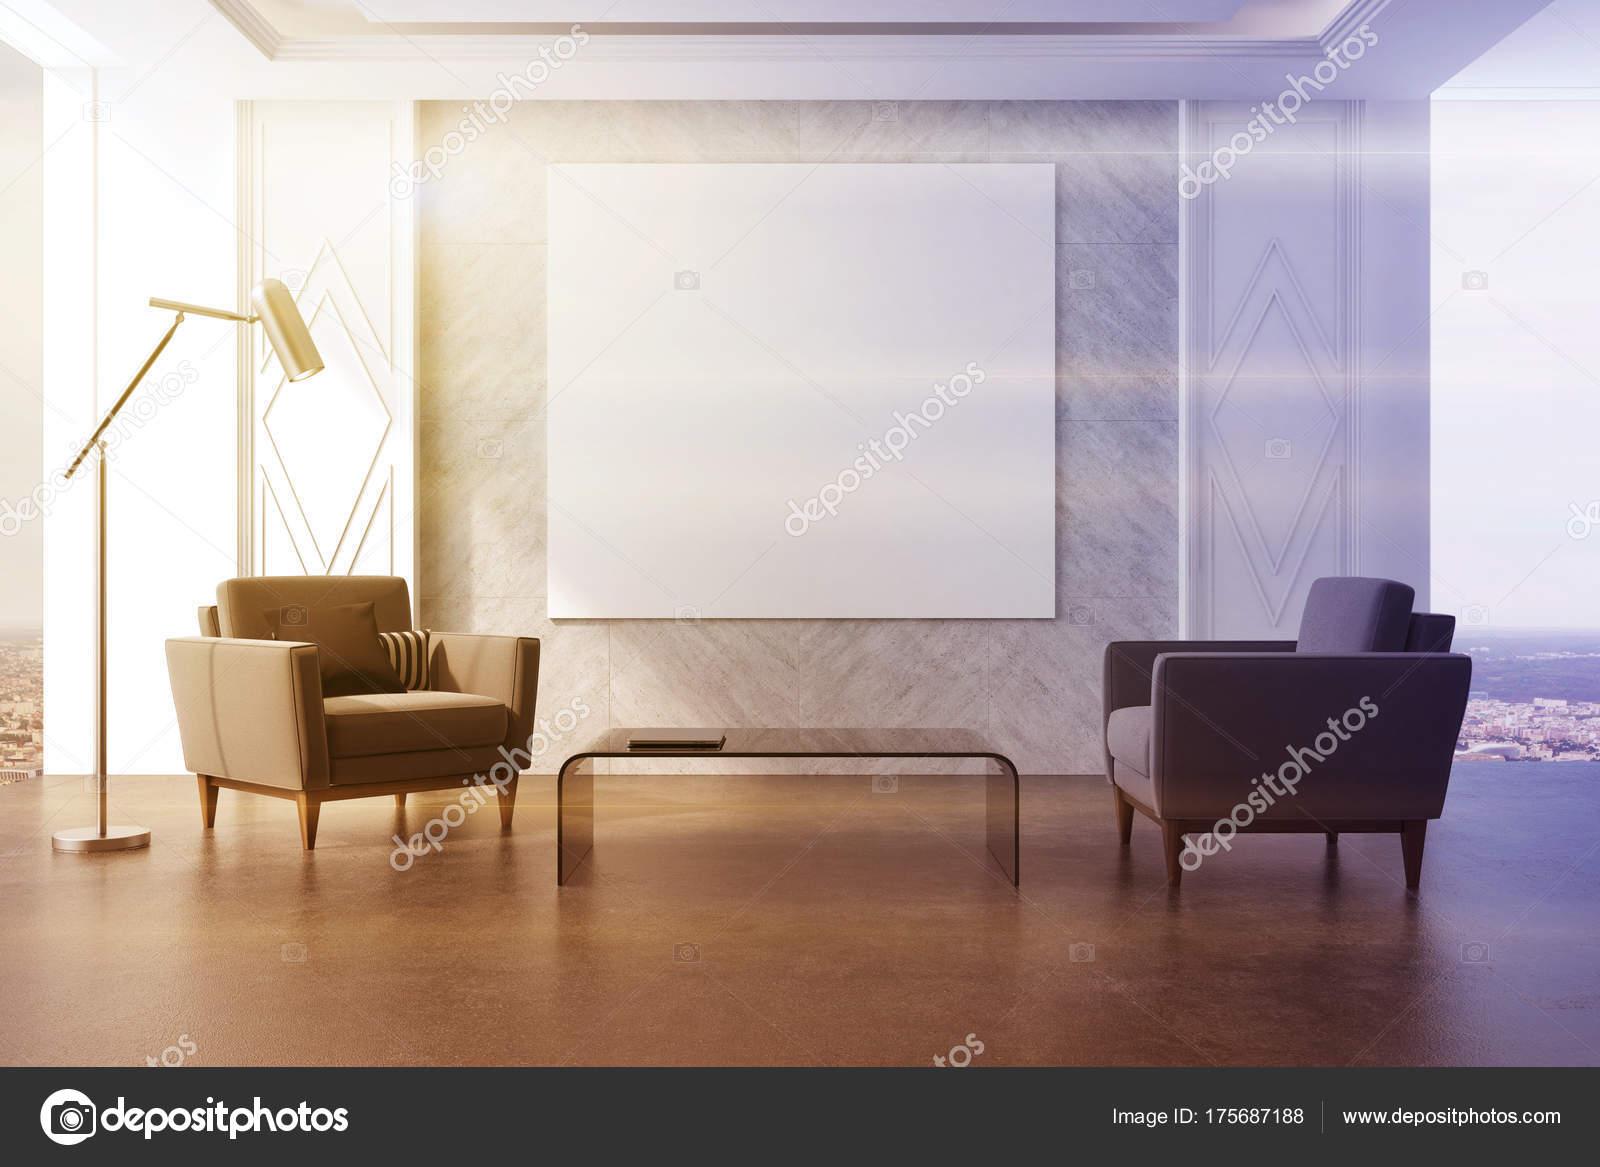 Getönten grauen wohnzimmer poster und sessel u2014 stockfoto